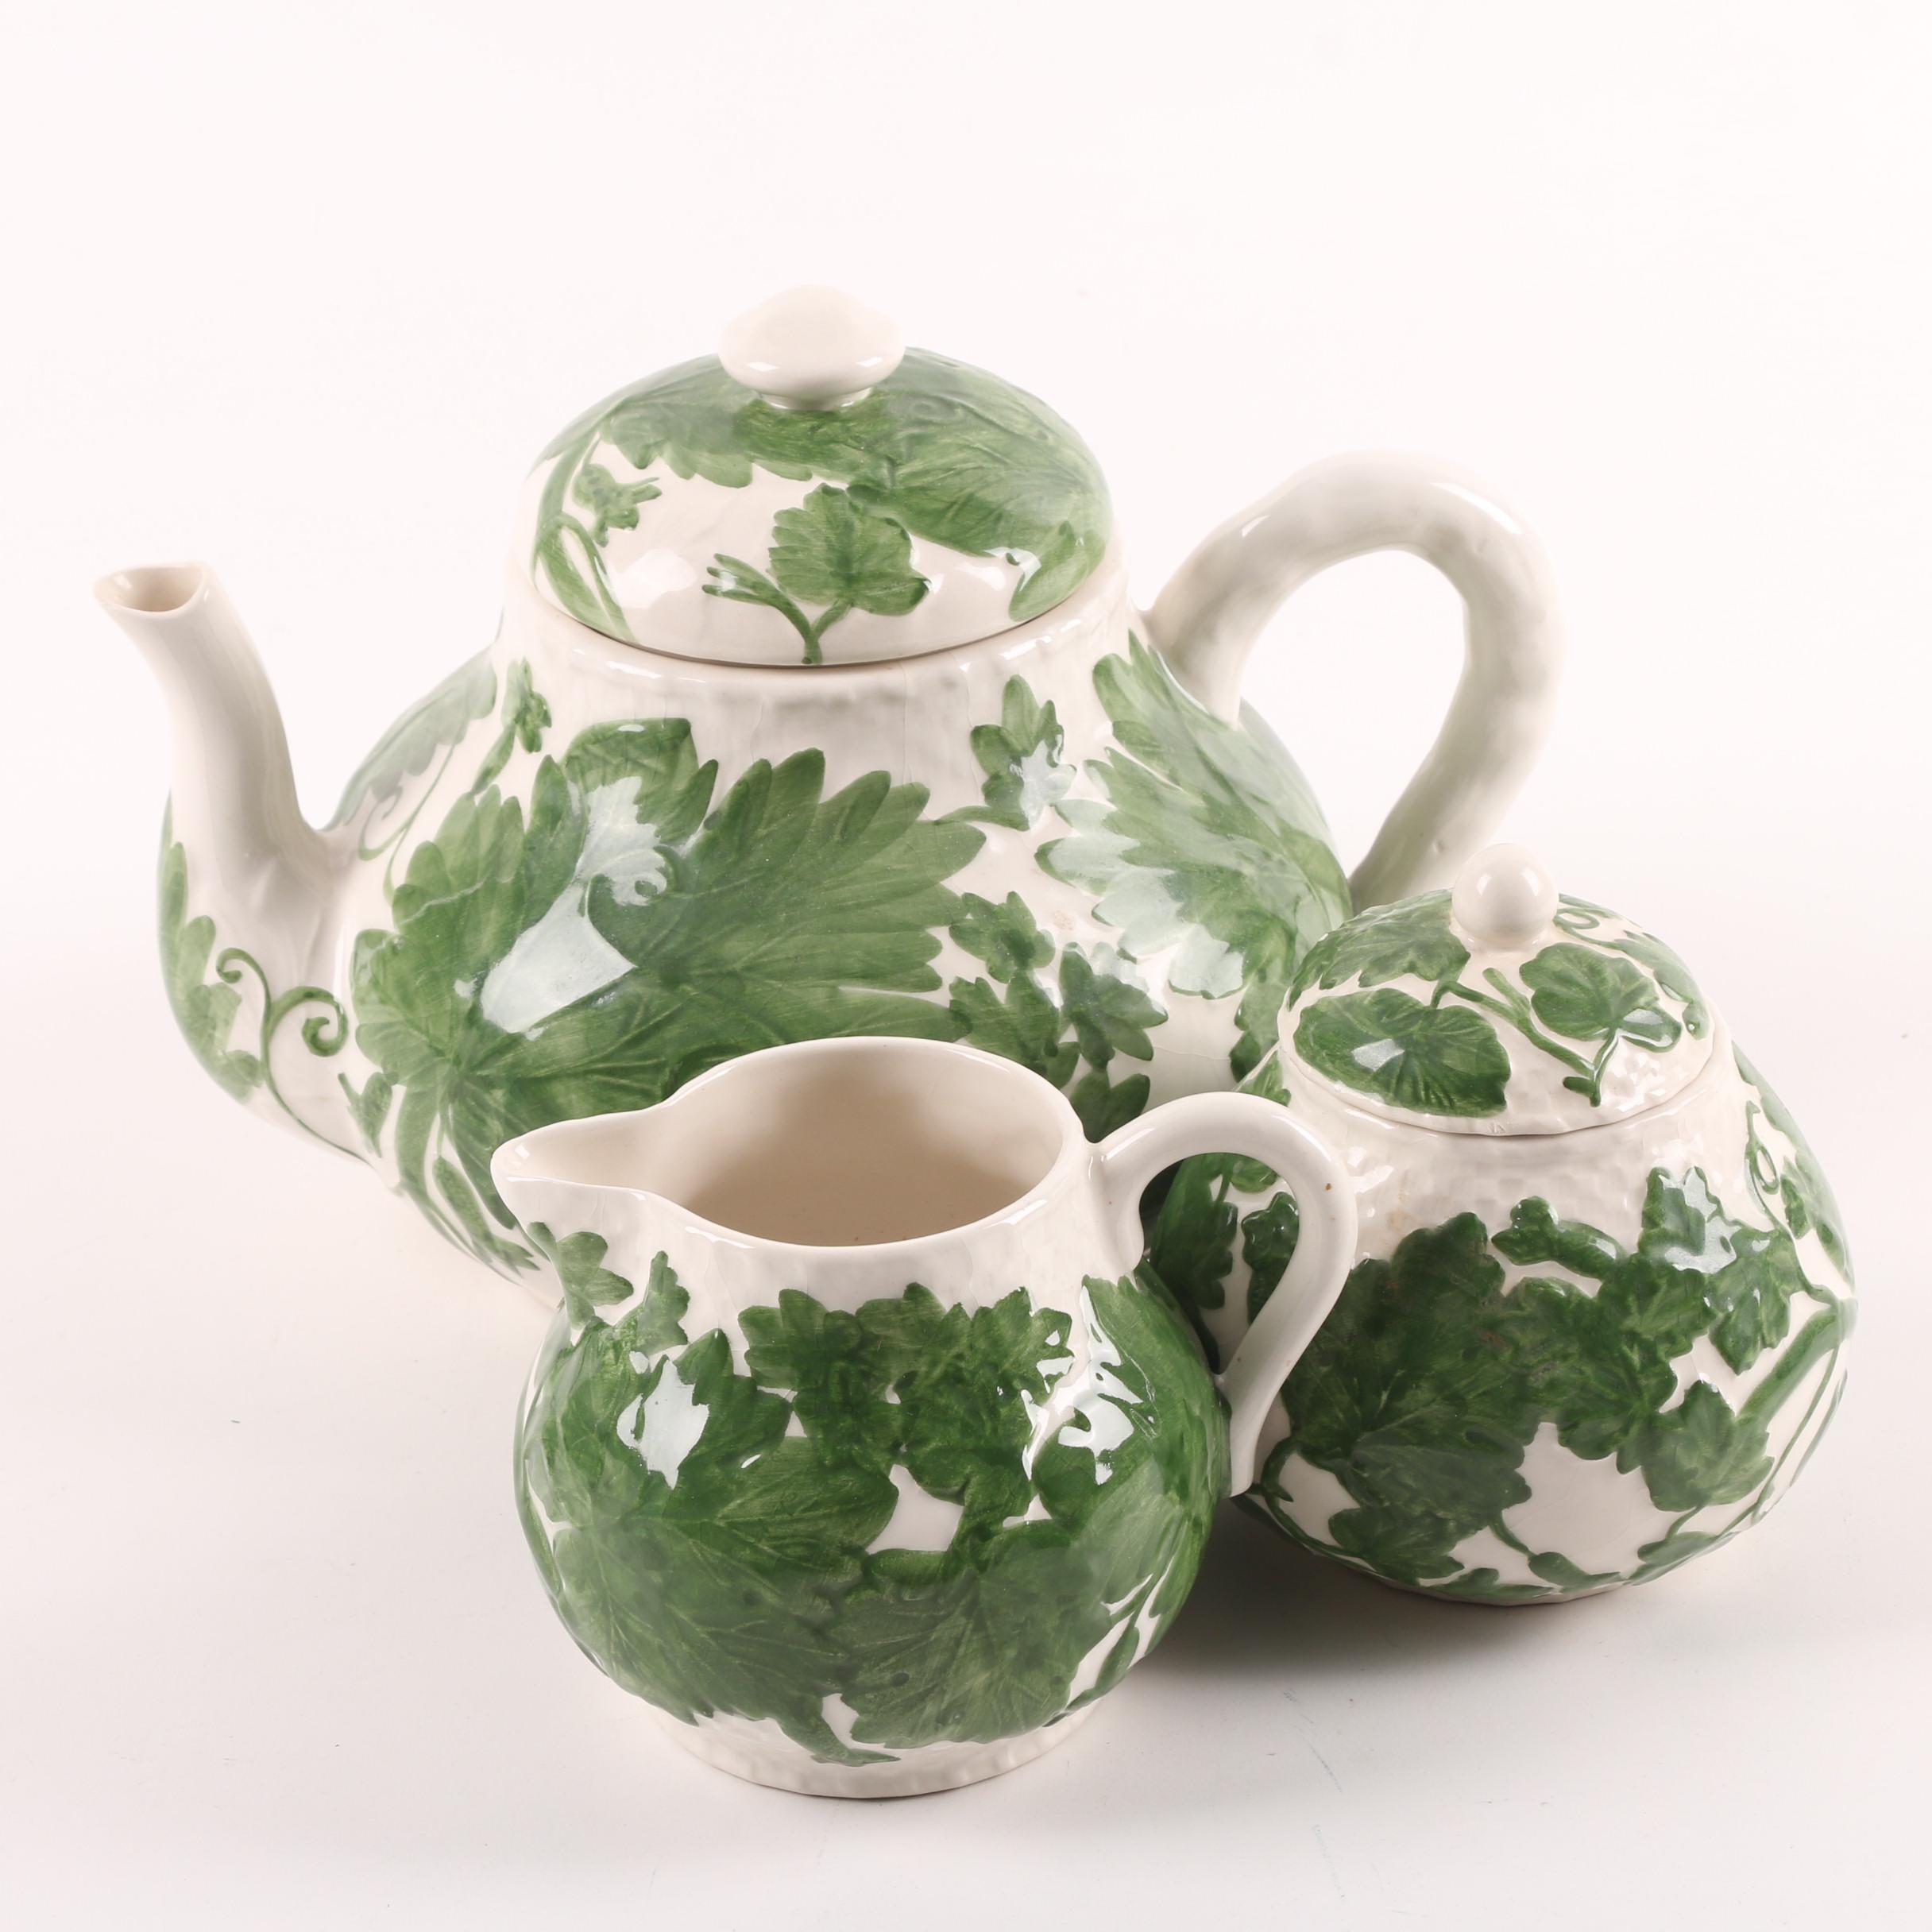 Portuguese Earthenware Tea Set featuring Bordallo Pinheiro